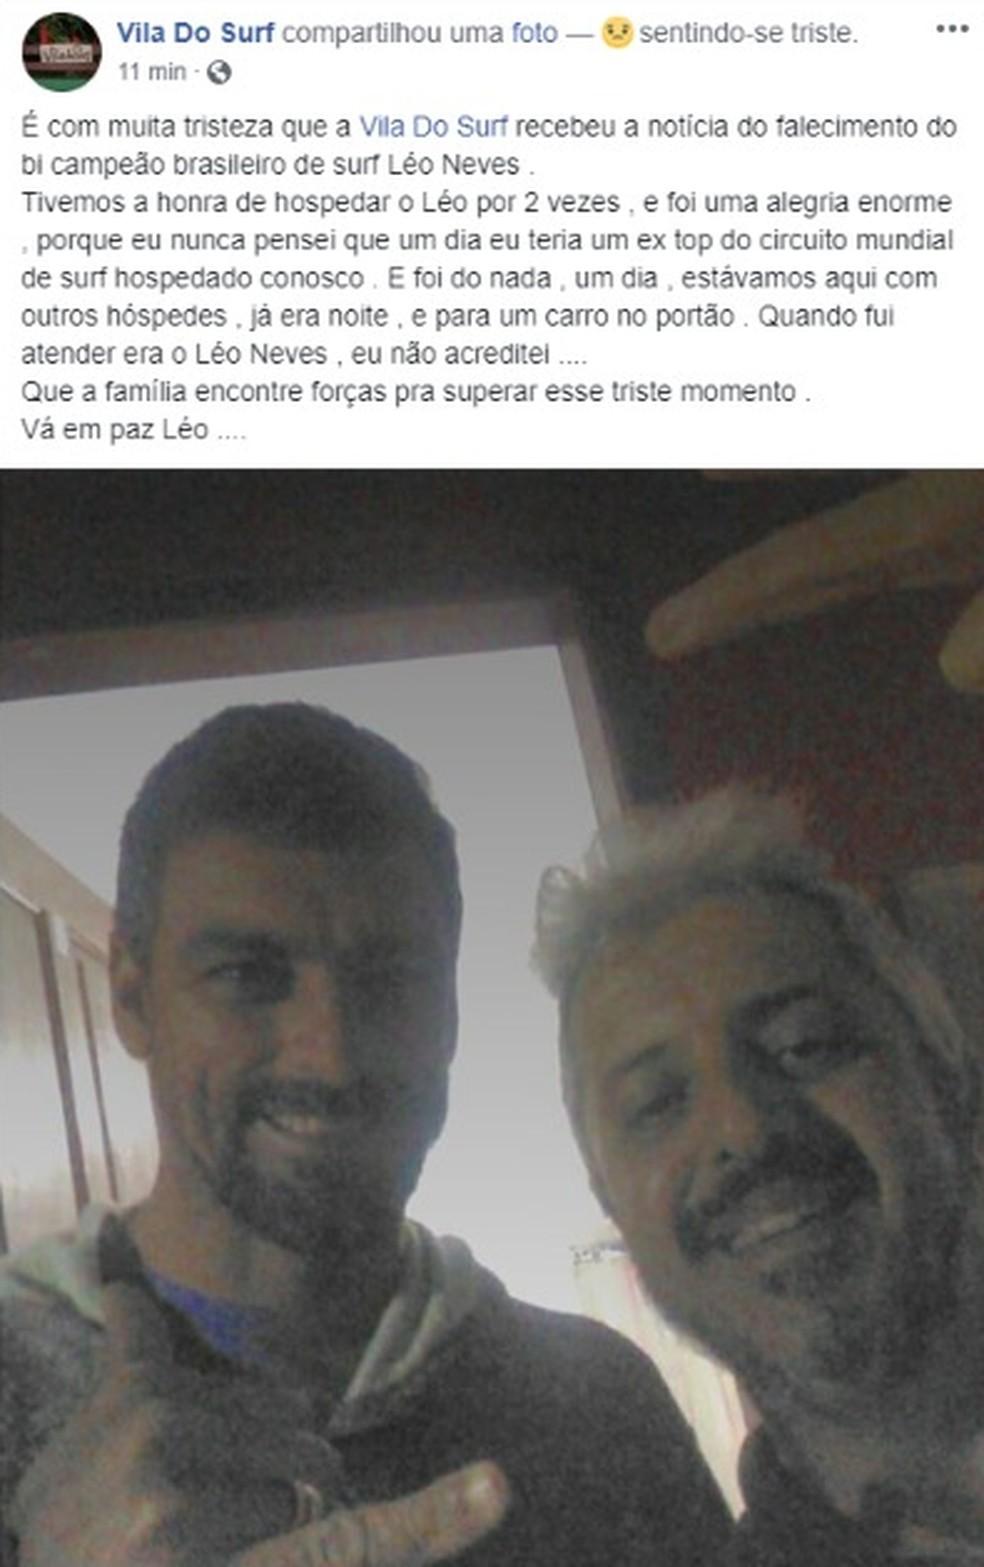 Fãs e esportistas lamentam a morte de Leo Neves e prestam homenagens ao ídolo nas redes sociais — Foto: Reprodução/Facebook